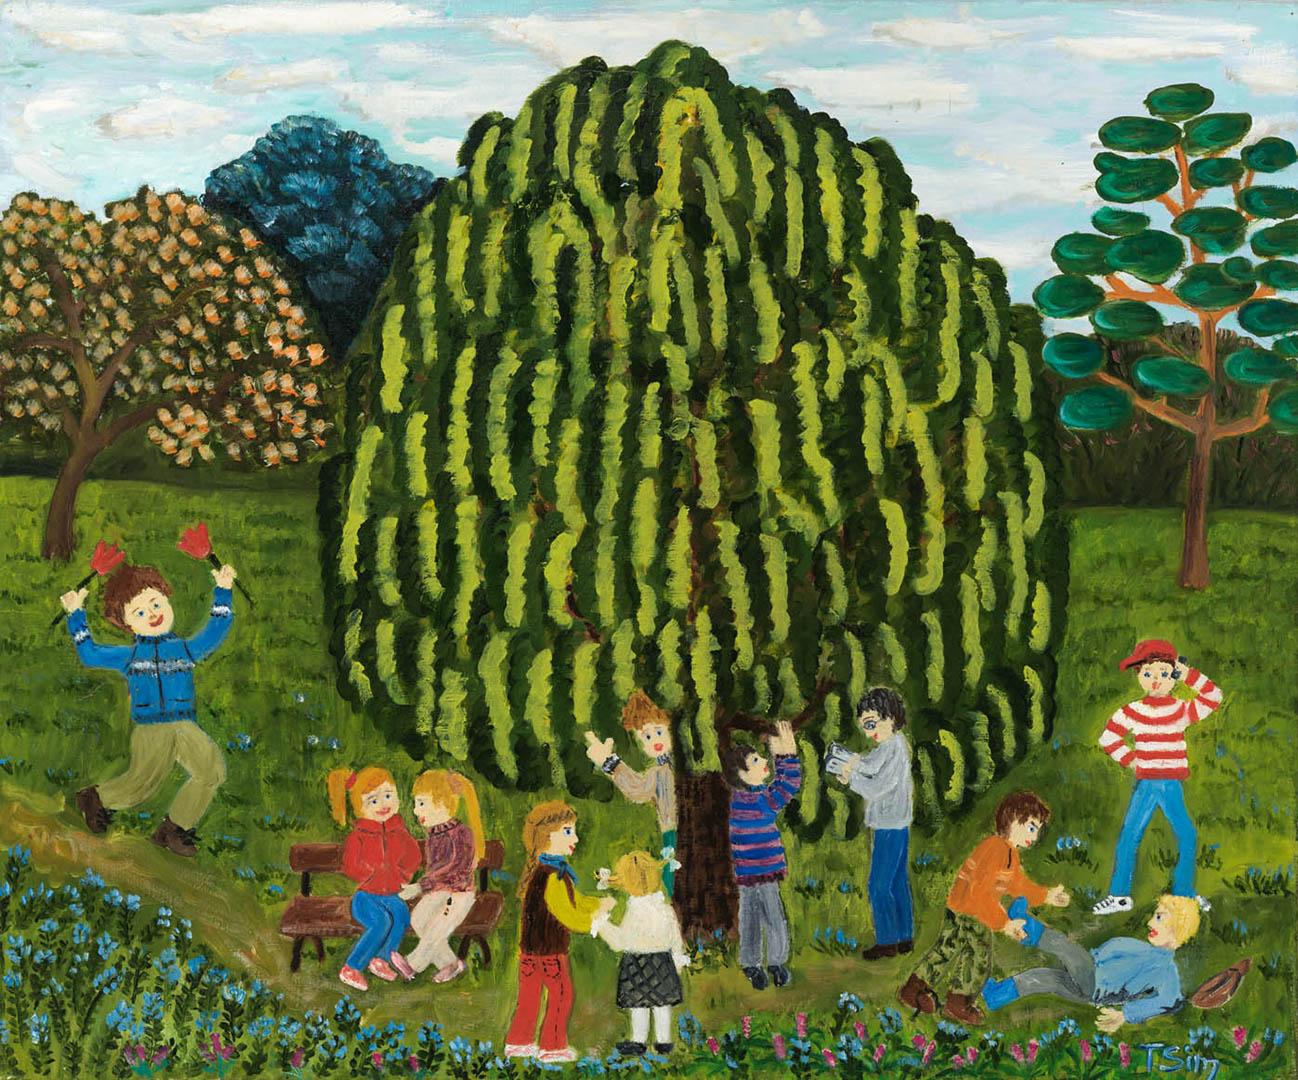 """Teresė Simanaitienė. """"Obelynėje prie pupmedžio"""" iš ciklo """"Vaikai ir medžiai"""", 2018 m. Drobė, aliejus; 50 x 60 cm"""